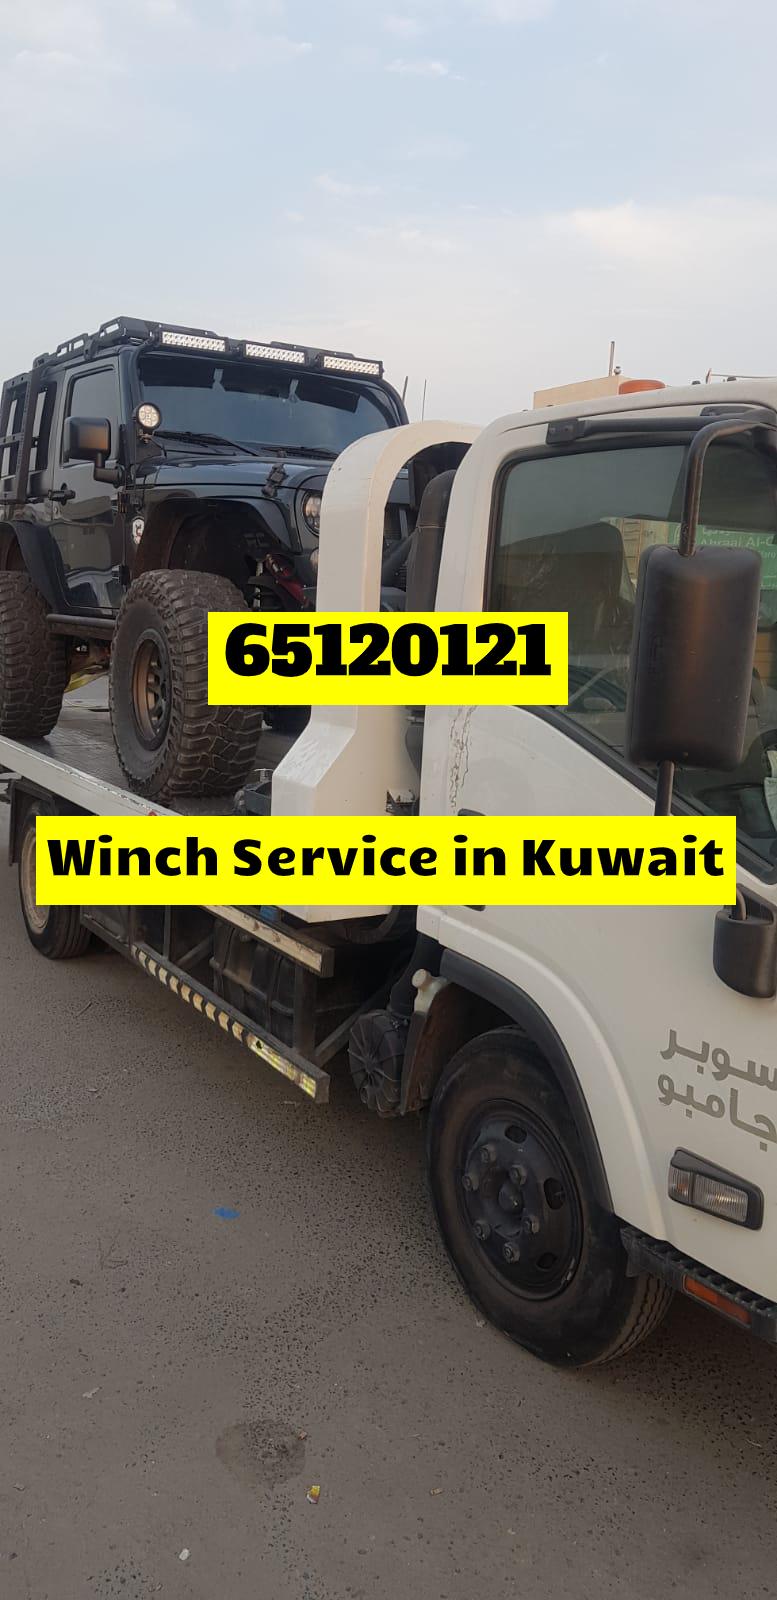 winch services in Kuwait